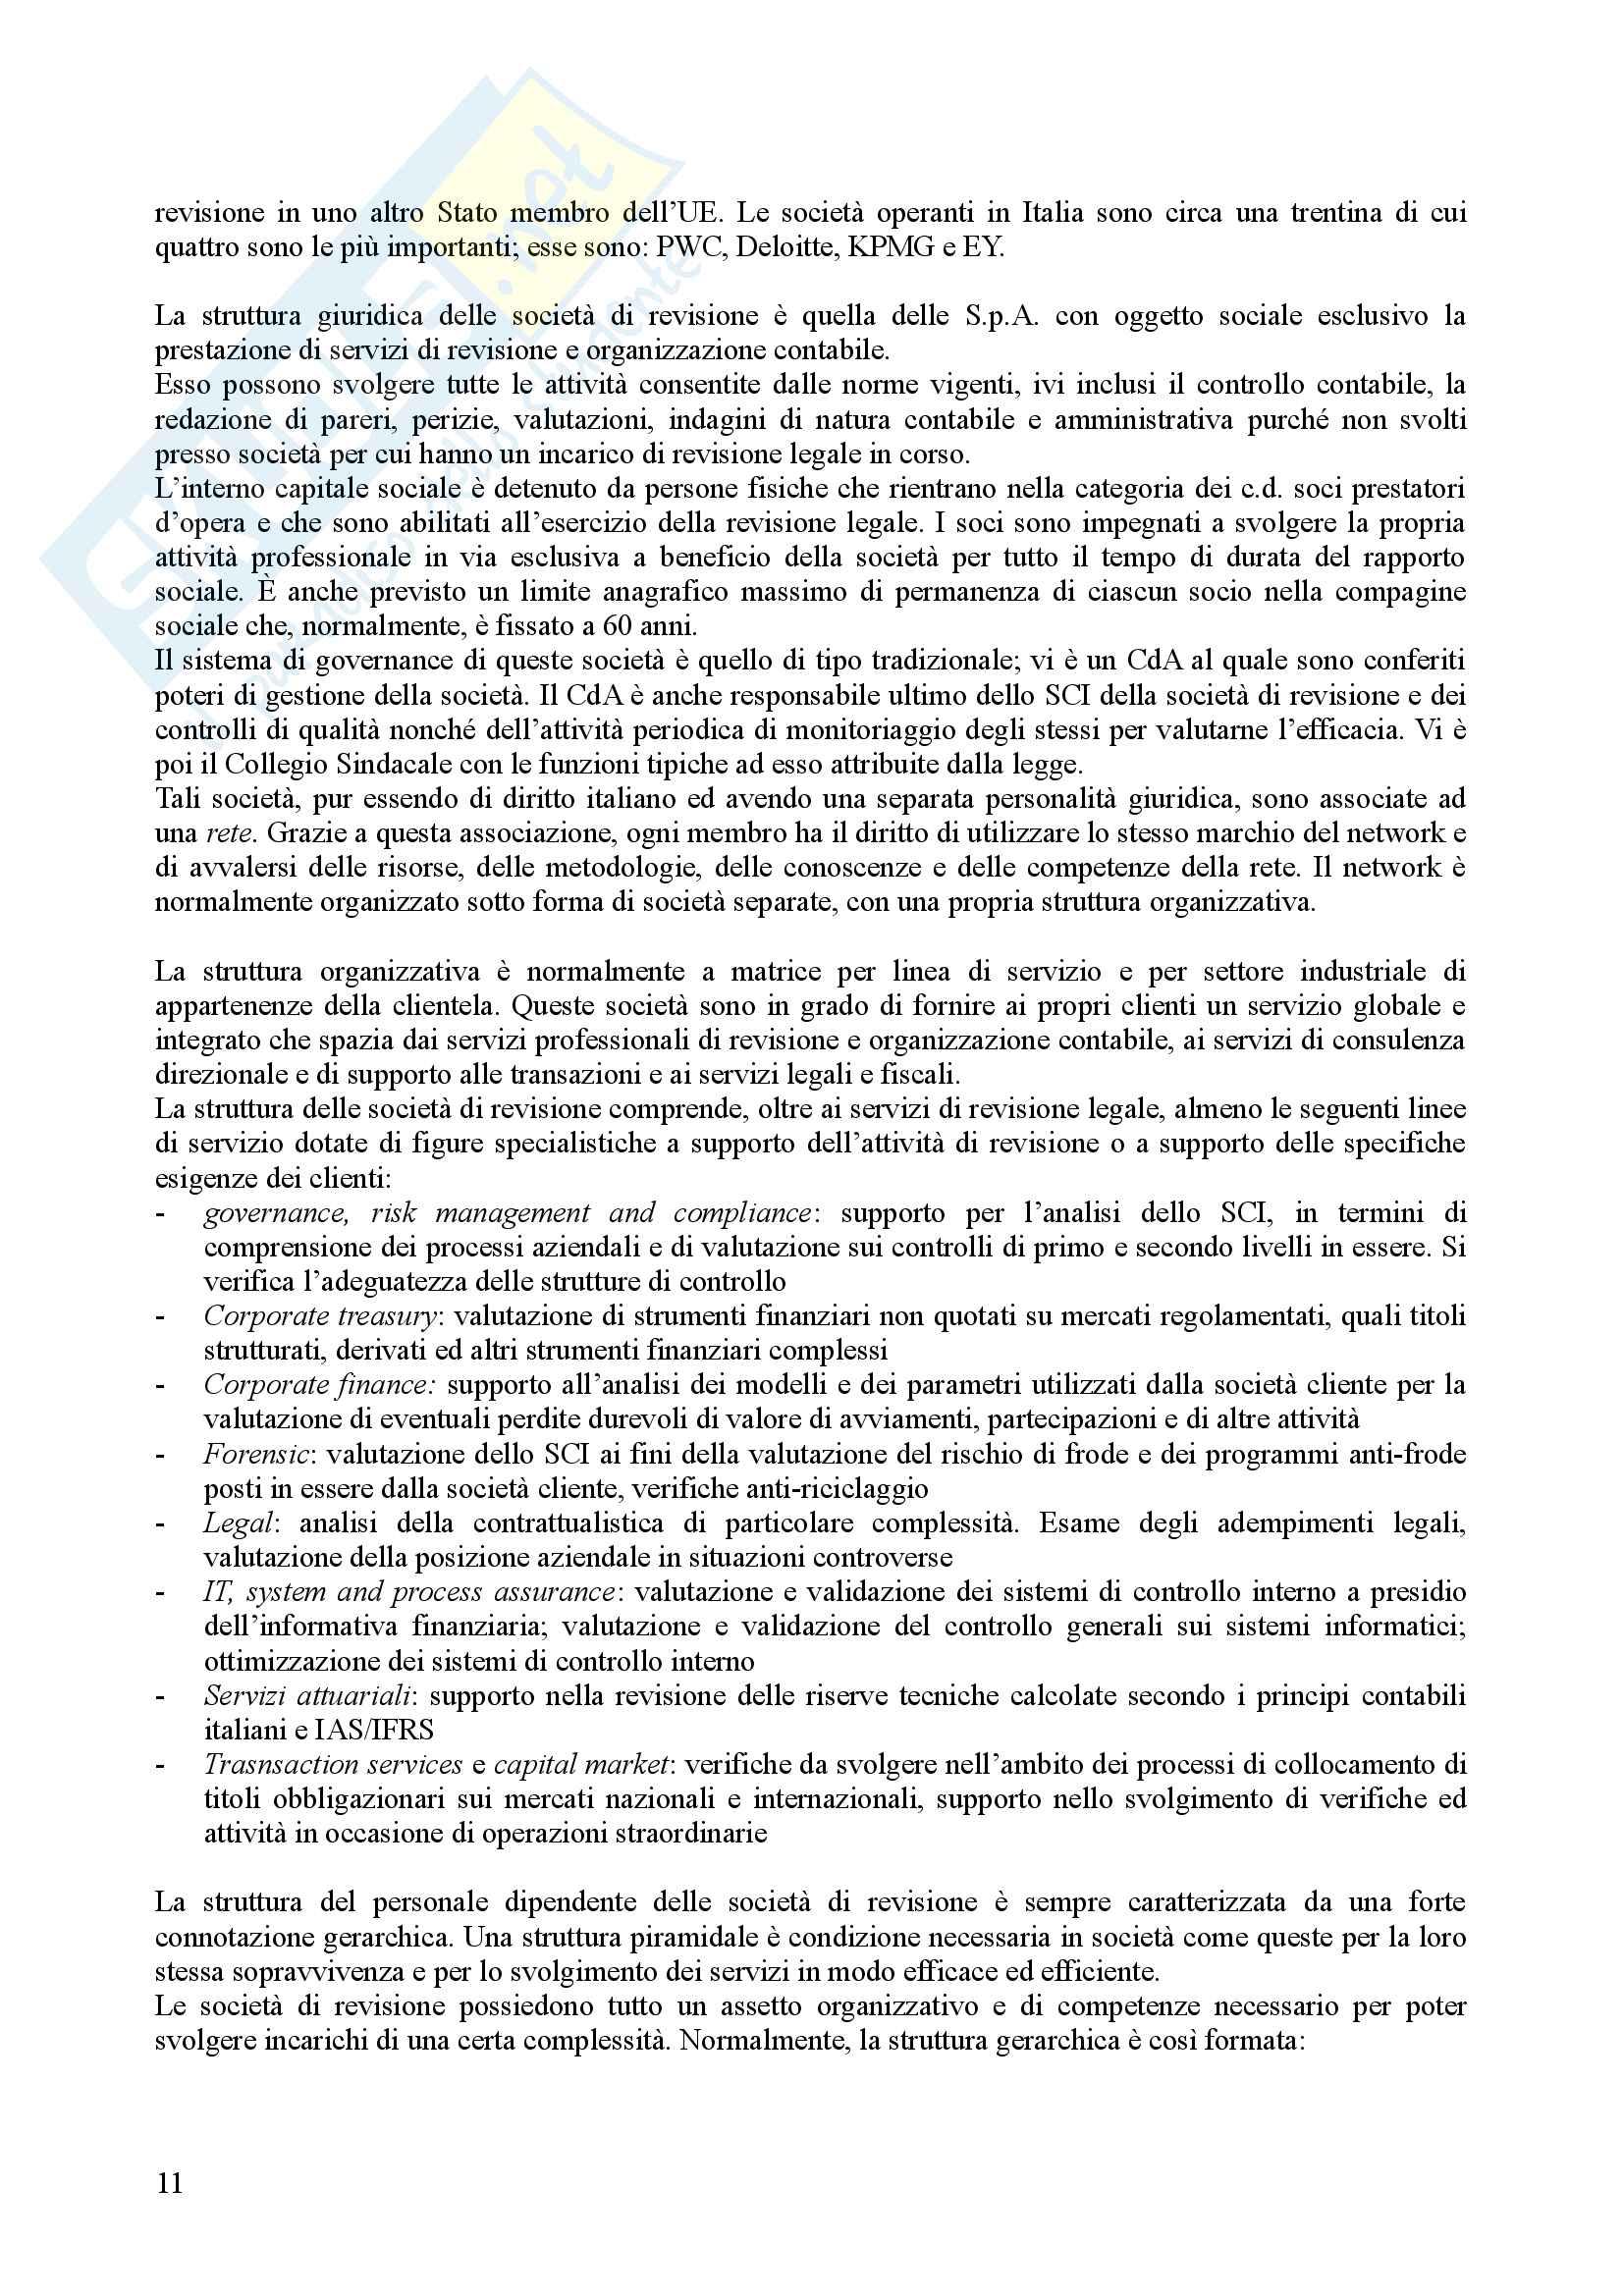 Appunti Revisione Aziendale Pag. 11